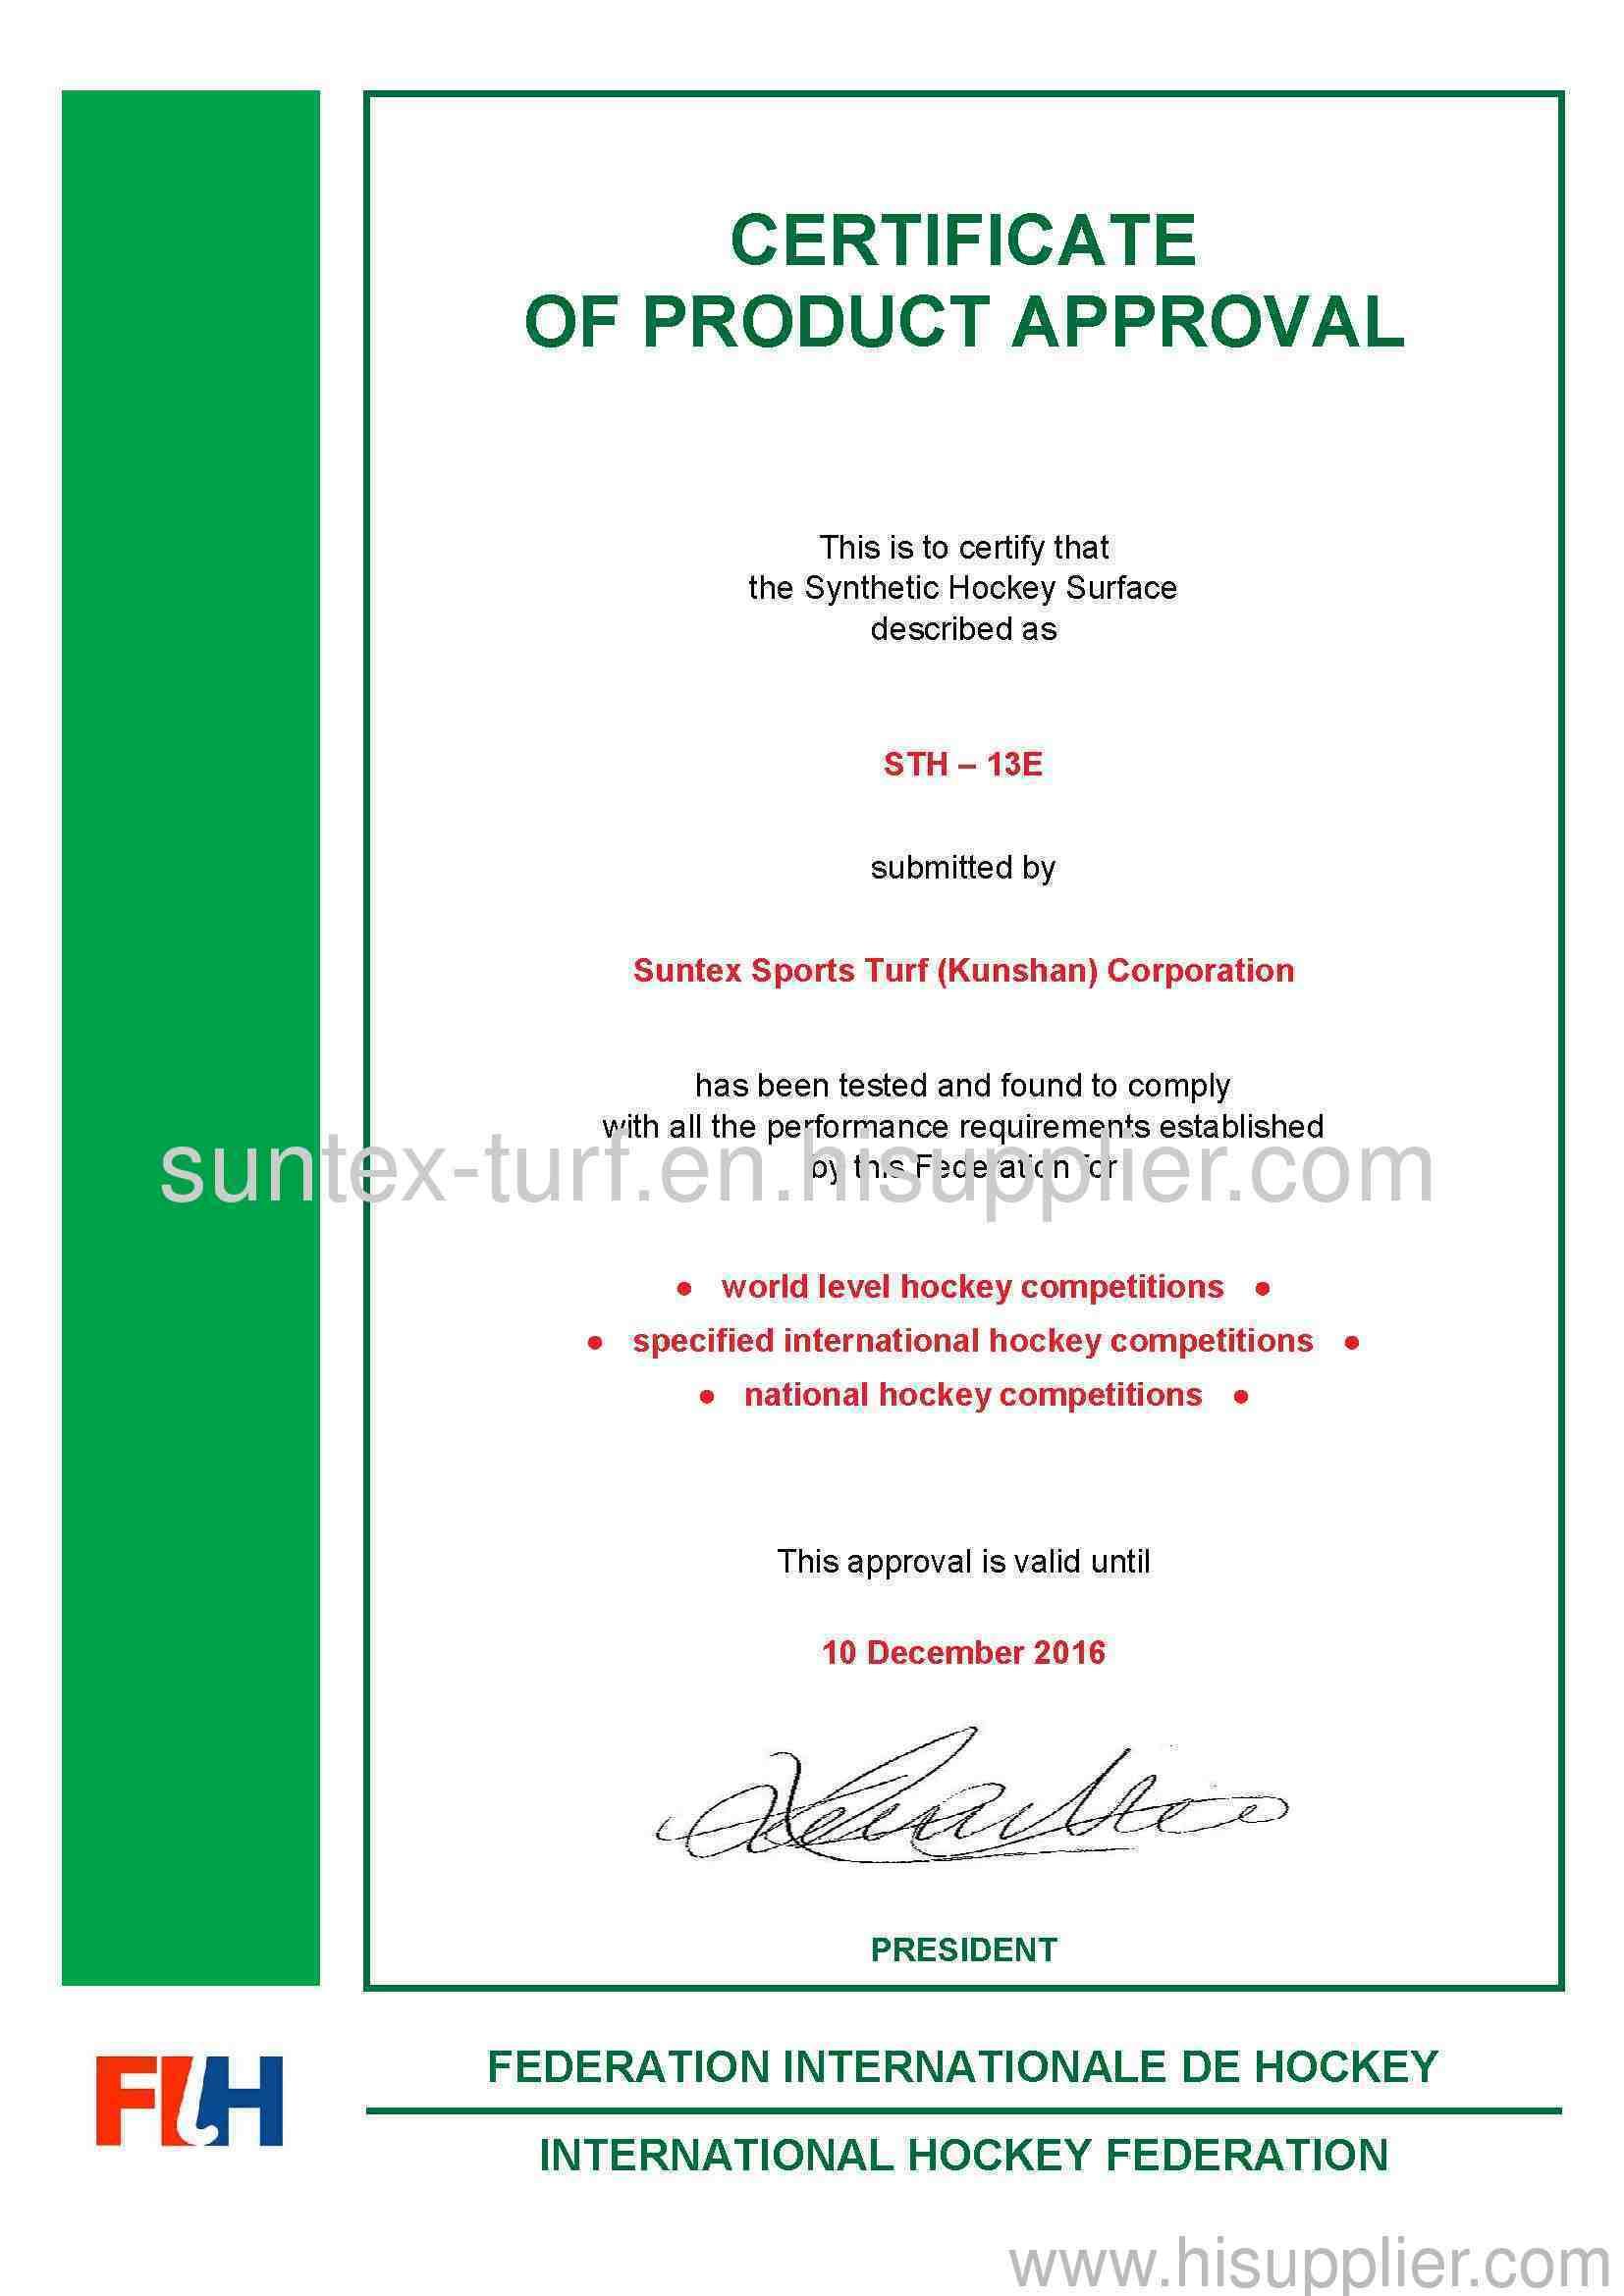 FIH certificate